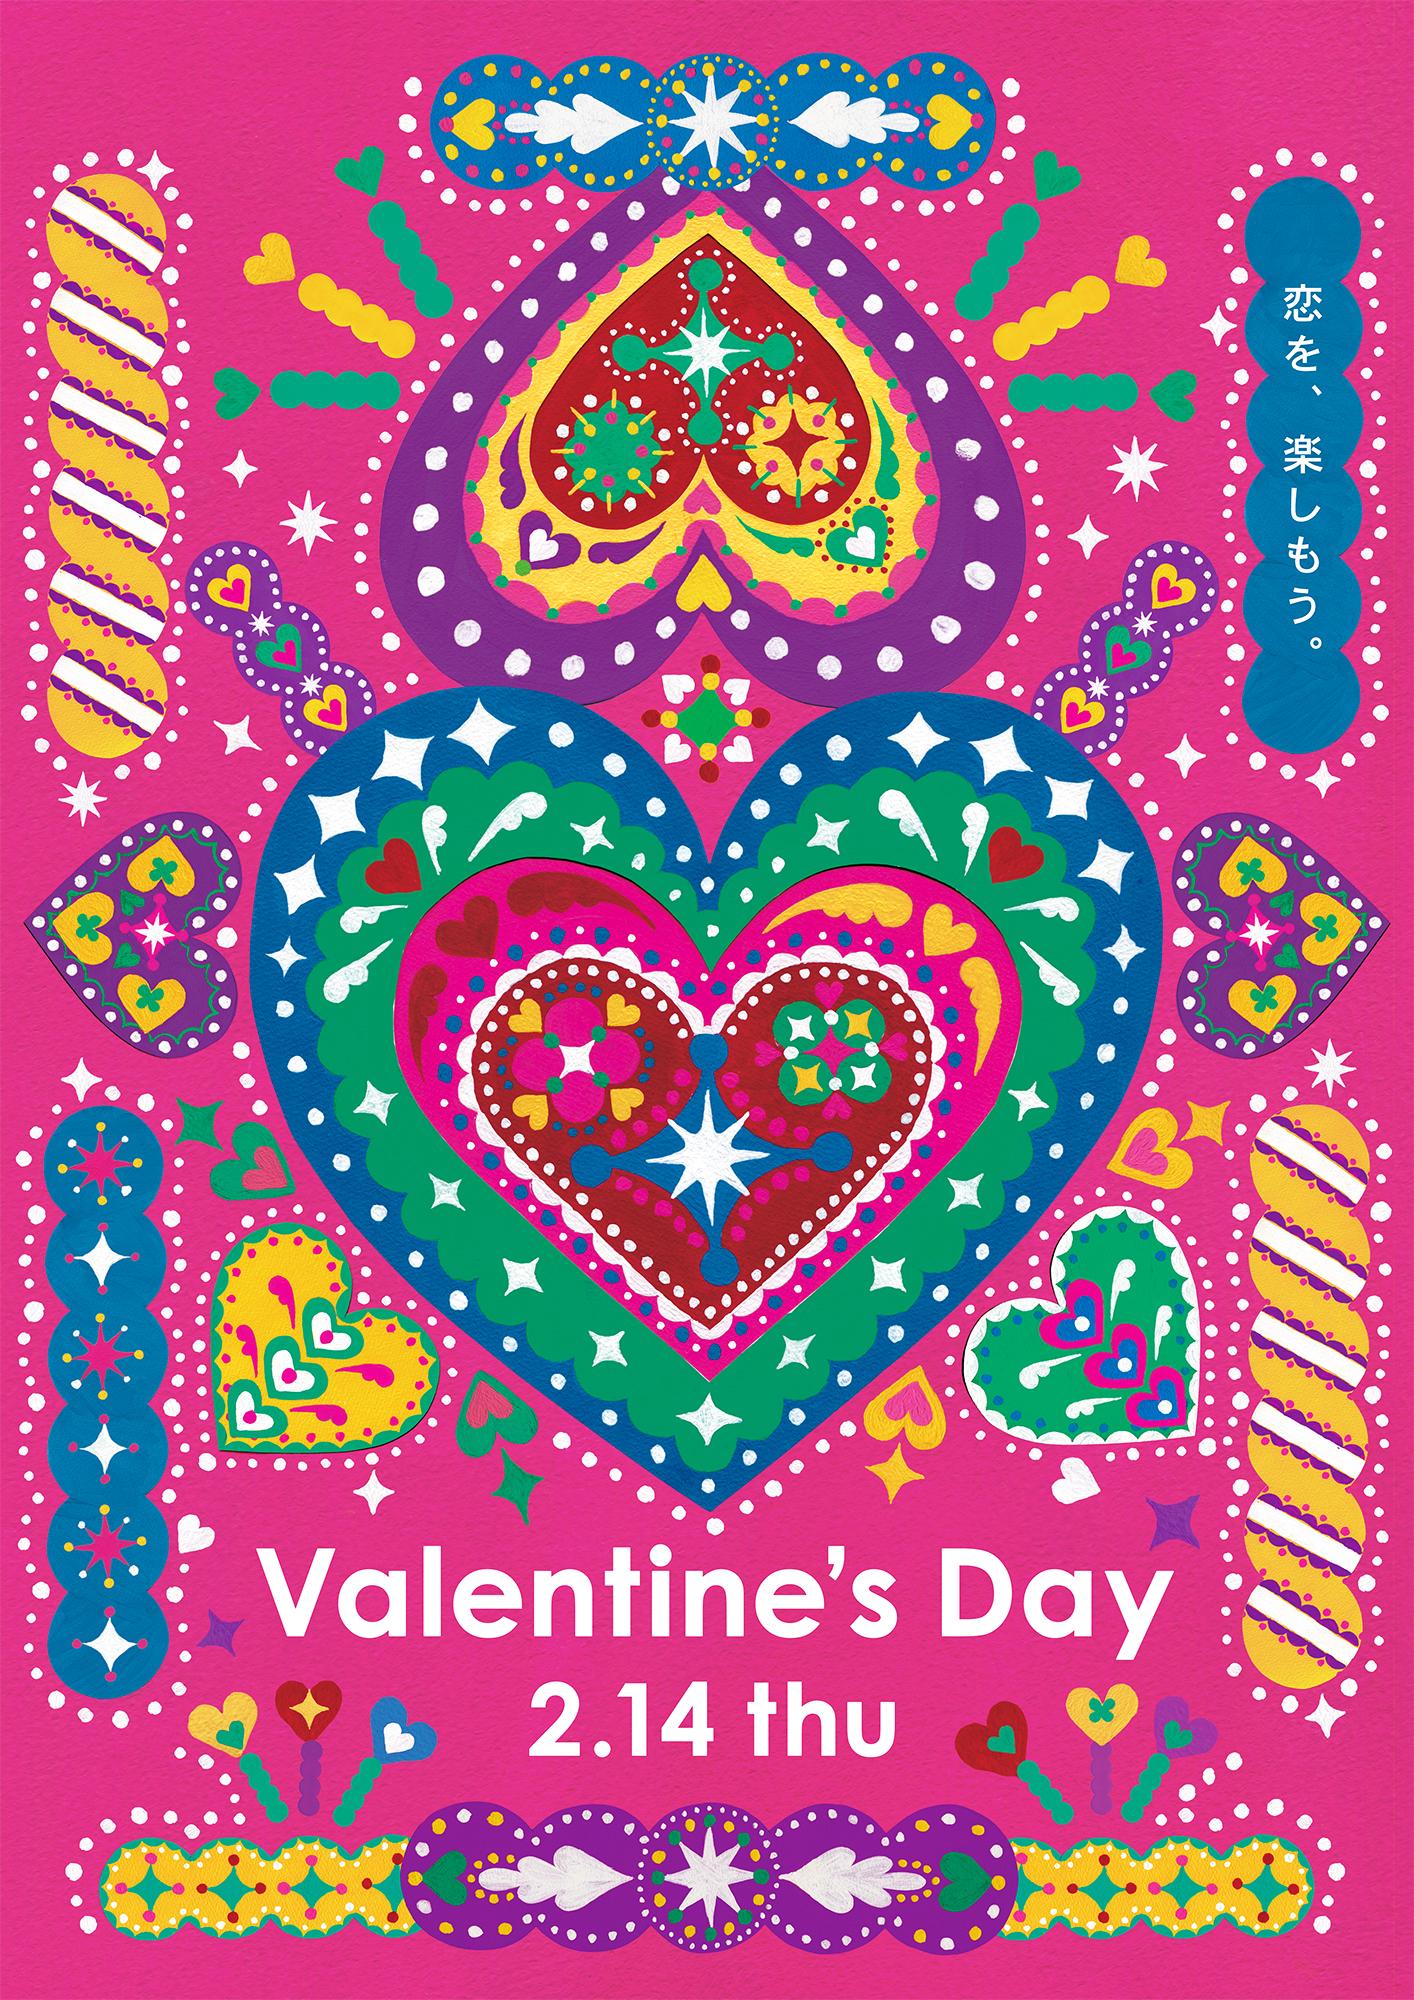 keihanryutsusystems_valentinesday_visual_illustration-2.jpg